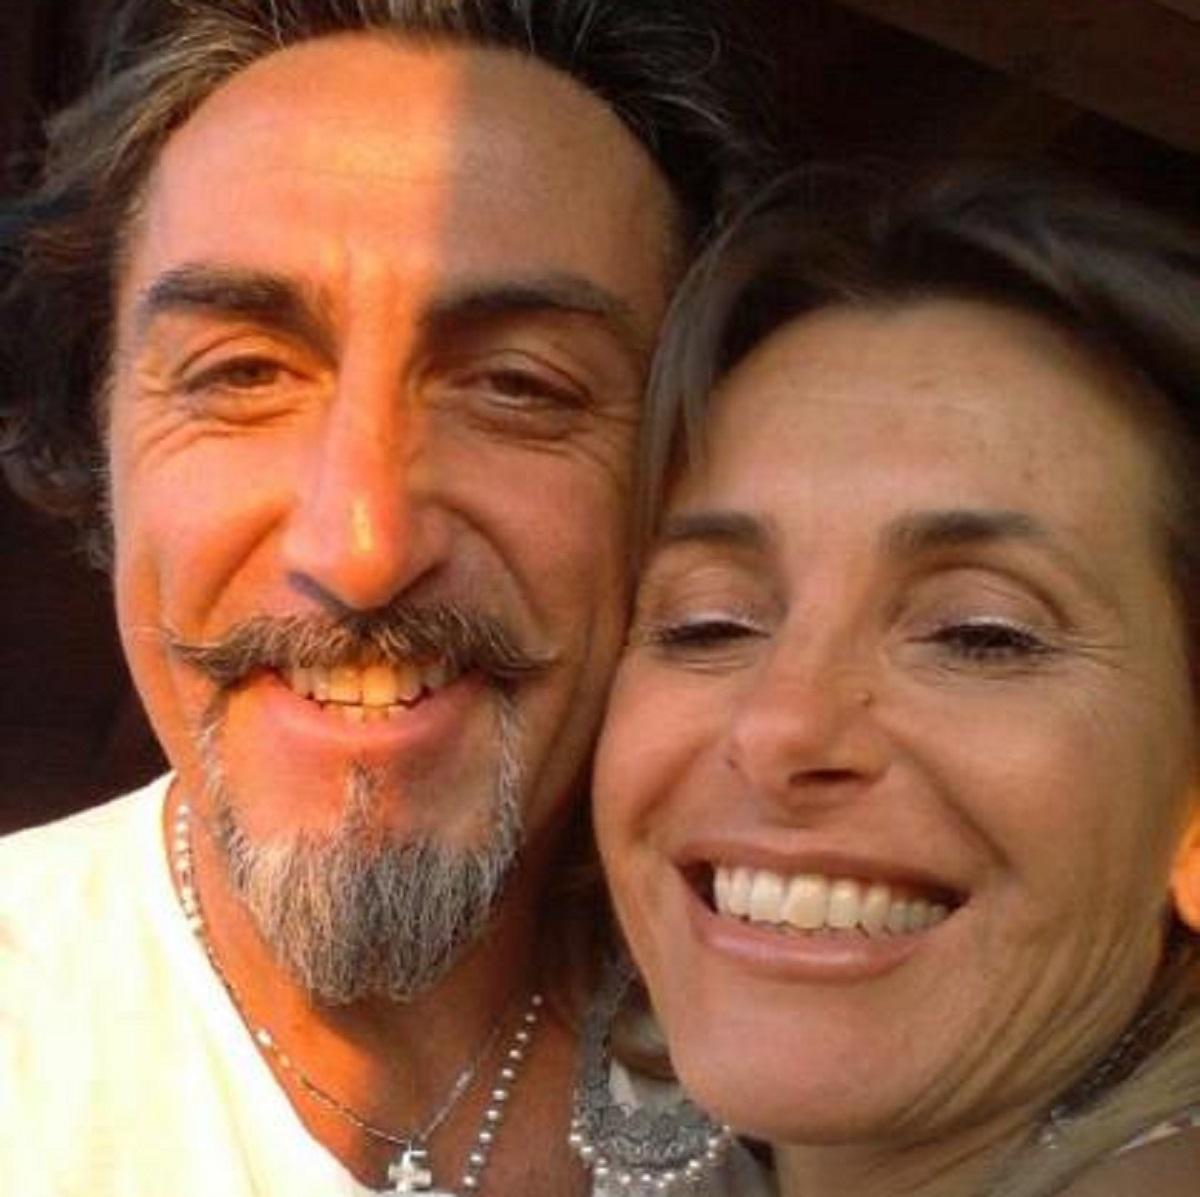 Uomini e Donne Antonella Bravi Tony De Leonardis incontro cagnoline